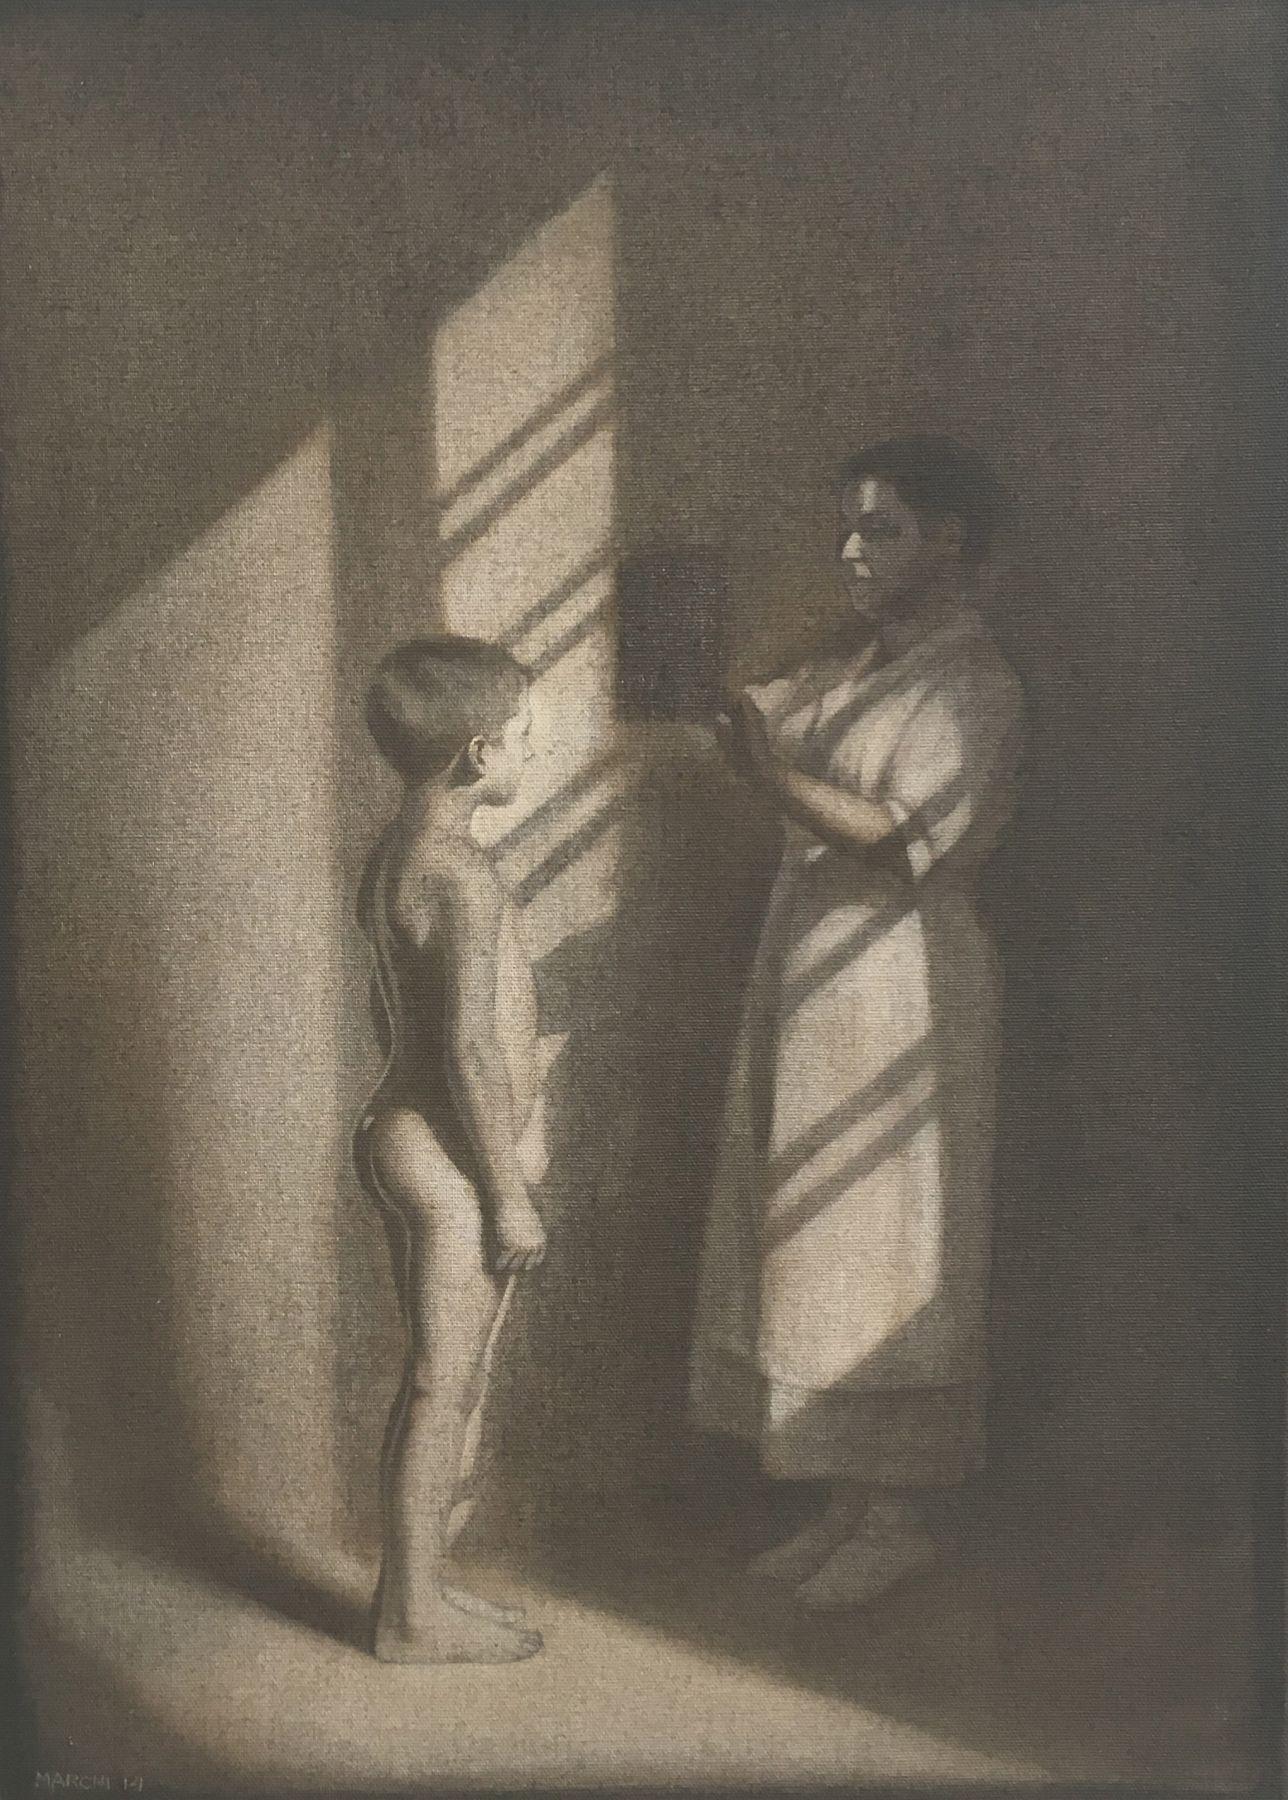 José-Alberto-Marchi-Darkness-6